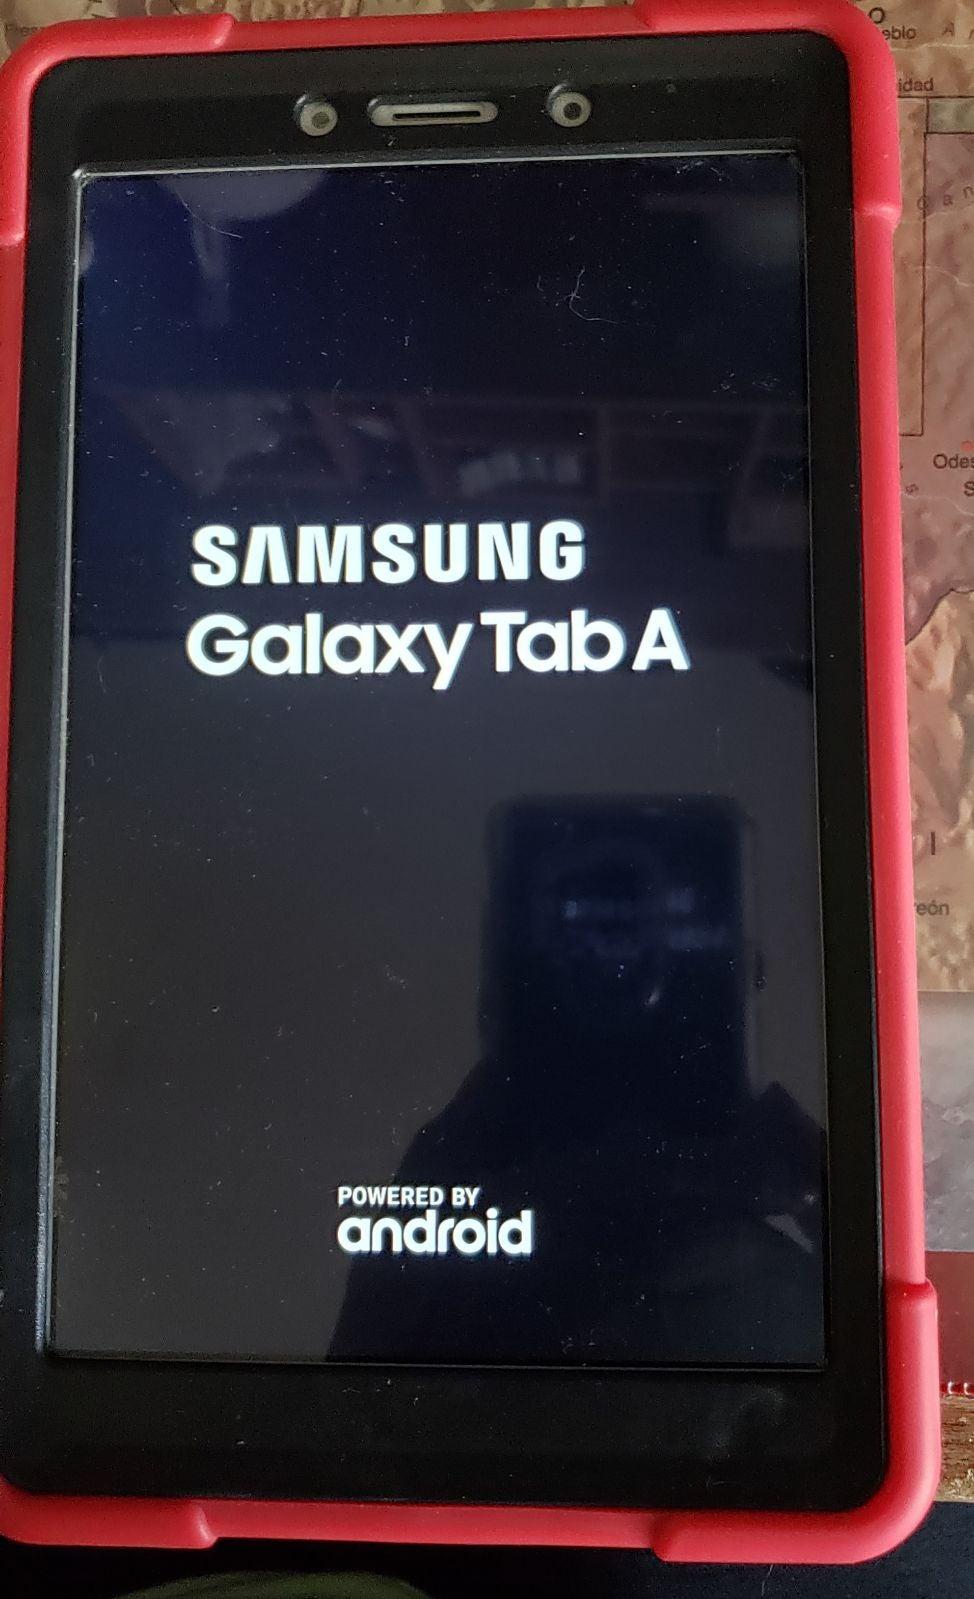 Samsung Galaxy Tab 8A 32 Gb